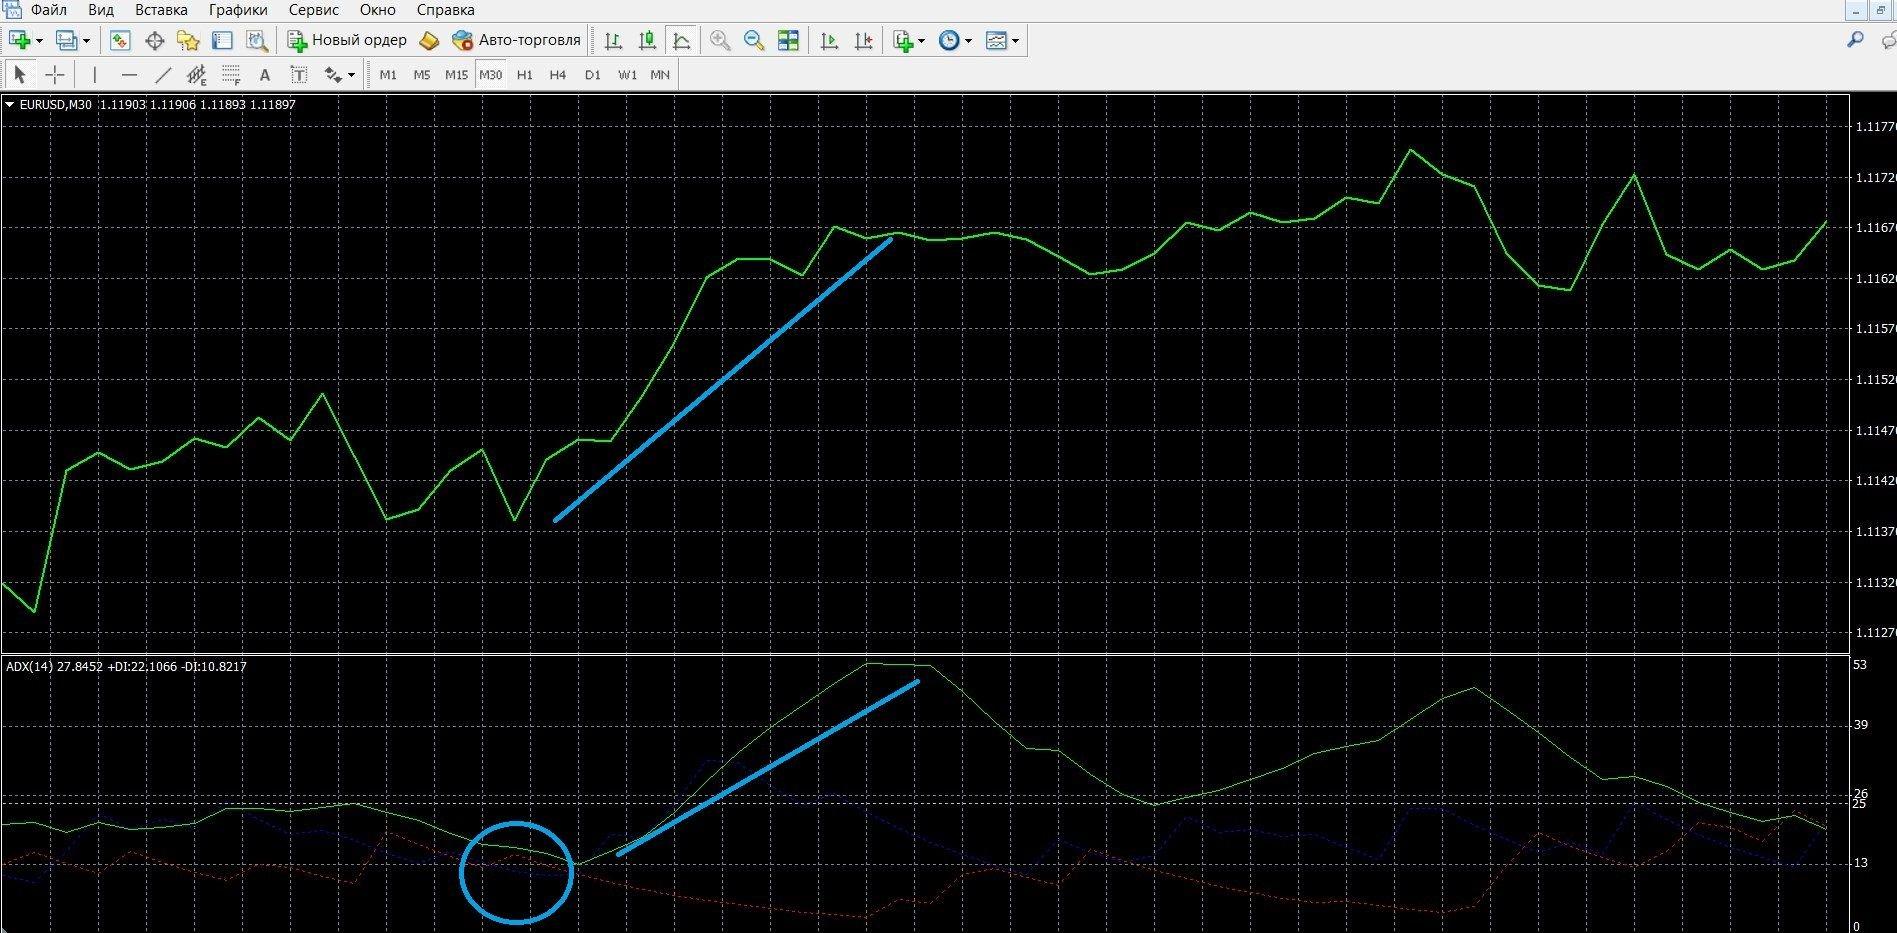 DMI: Торговля при сигнале пересечения +DL и –DL